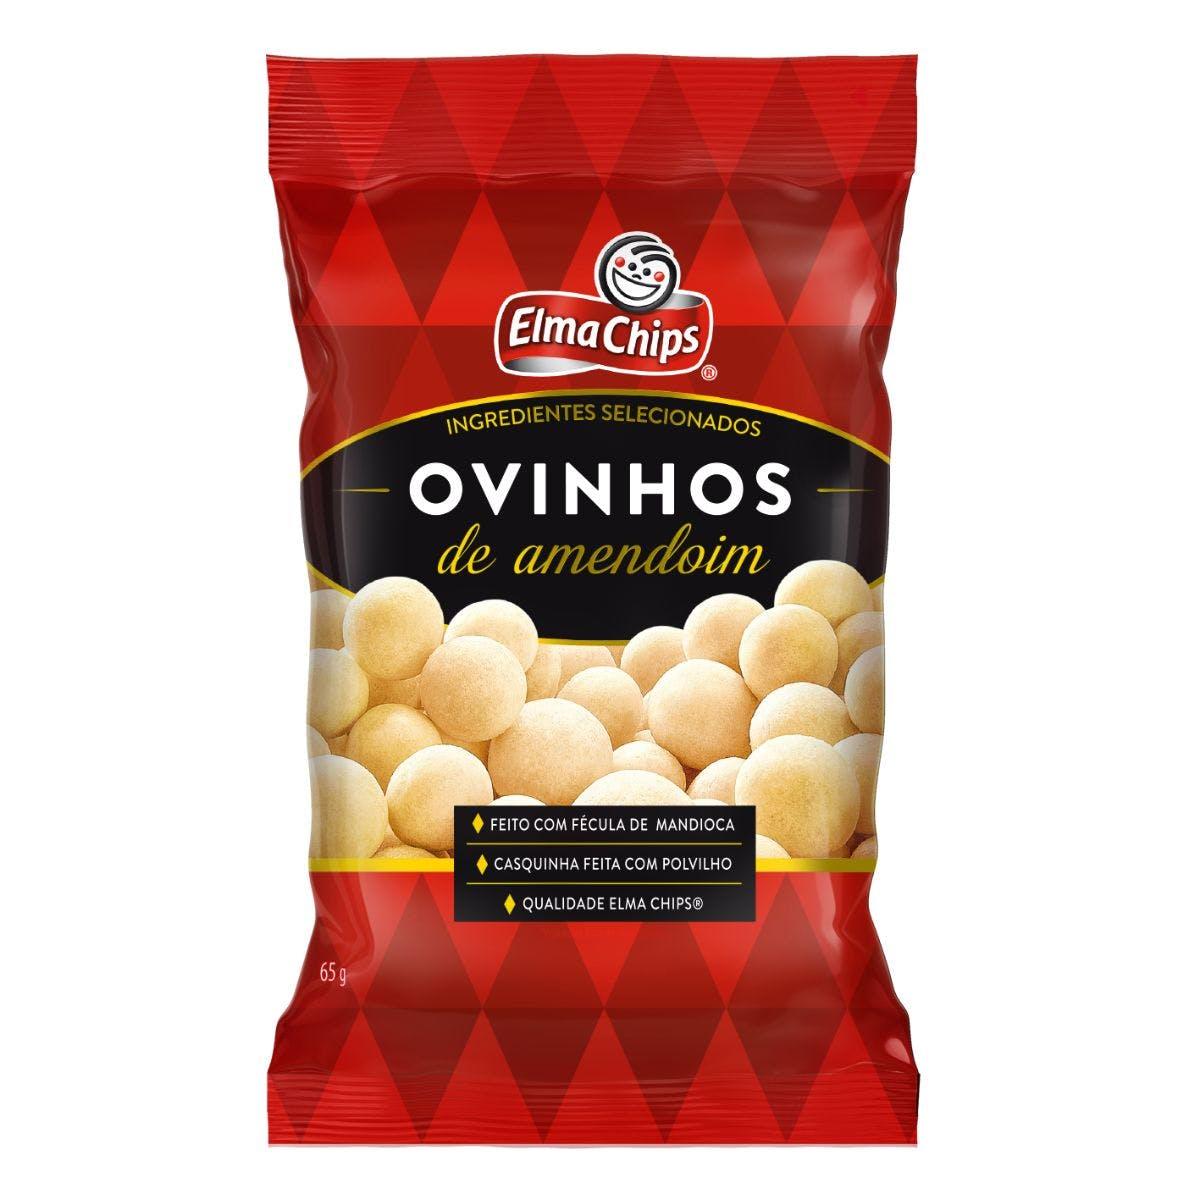 Ovinhos de Amendoim Elma Chips 65g